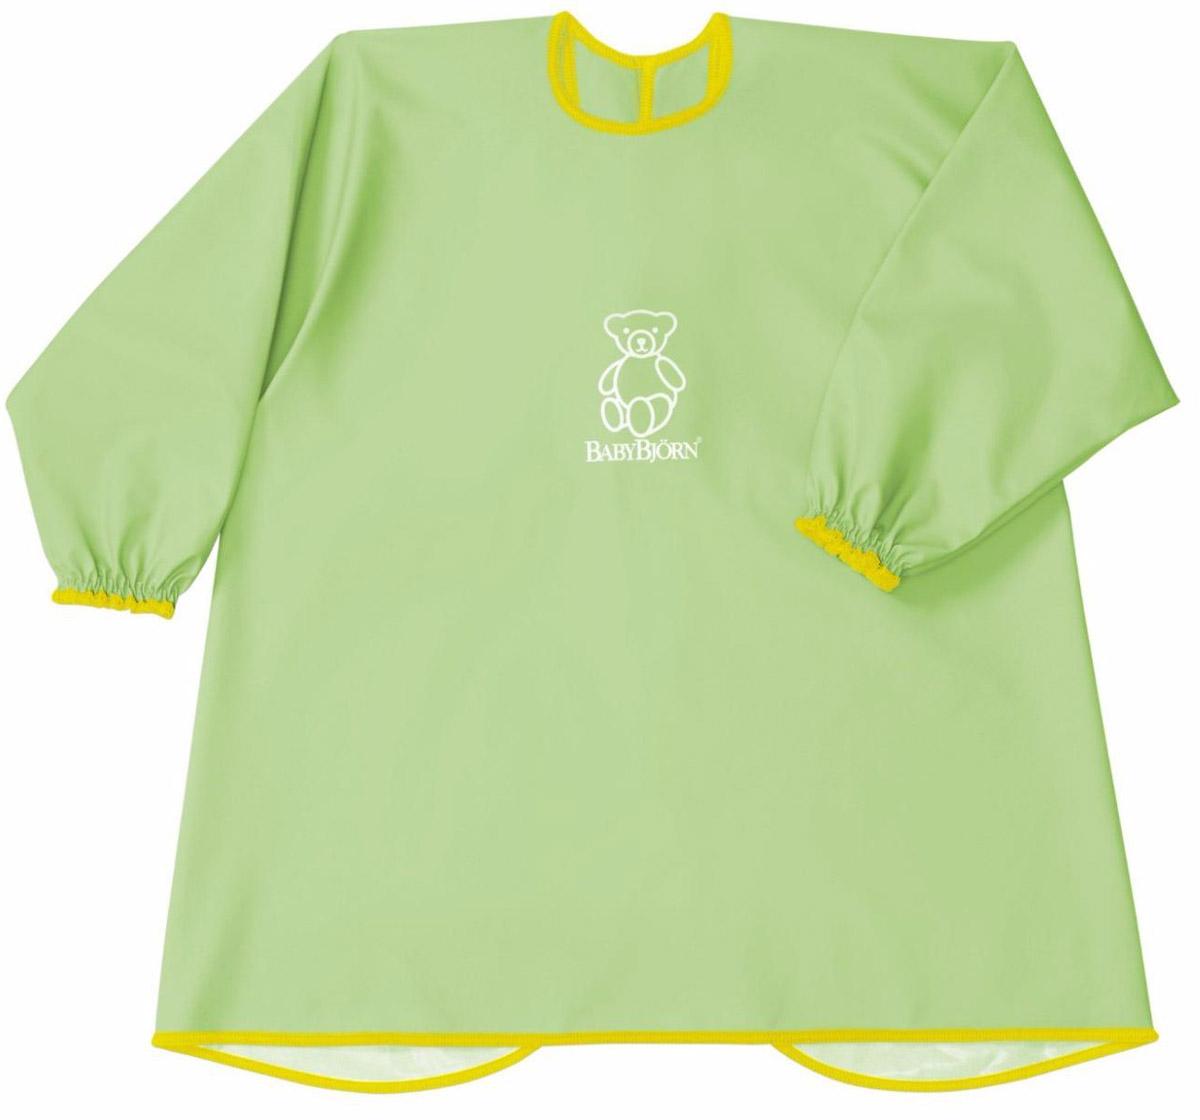 BabyBjorn Рубашка для кормления цвет зеленый0442.88Мягкая и практичная рубашка BabyBjorn надежно защитит одежду вашего ребенка во время кормления или занятия творчеством. С удобными застежками-кнопками на спине и мягкими, эластичными манжетами, рубашка защищает одежду малыша сзади и спереди от воды, еды, красок и всего того, что можно пролить или от того, чем можно испачкаться. Допускается машинная стирка.